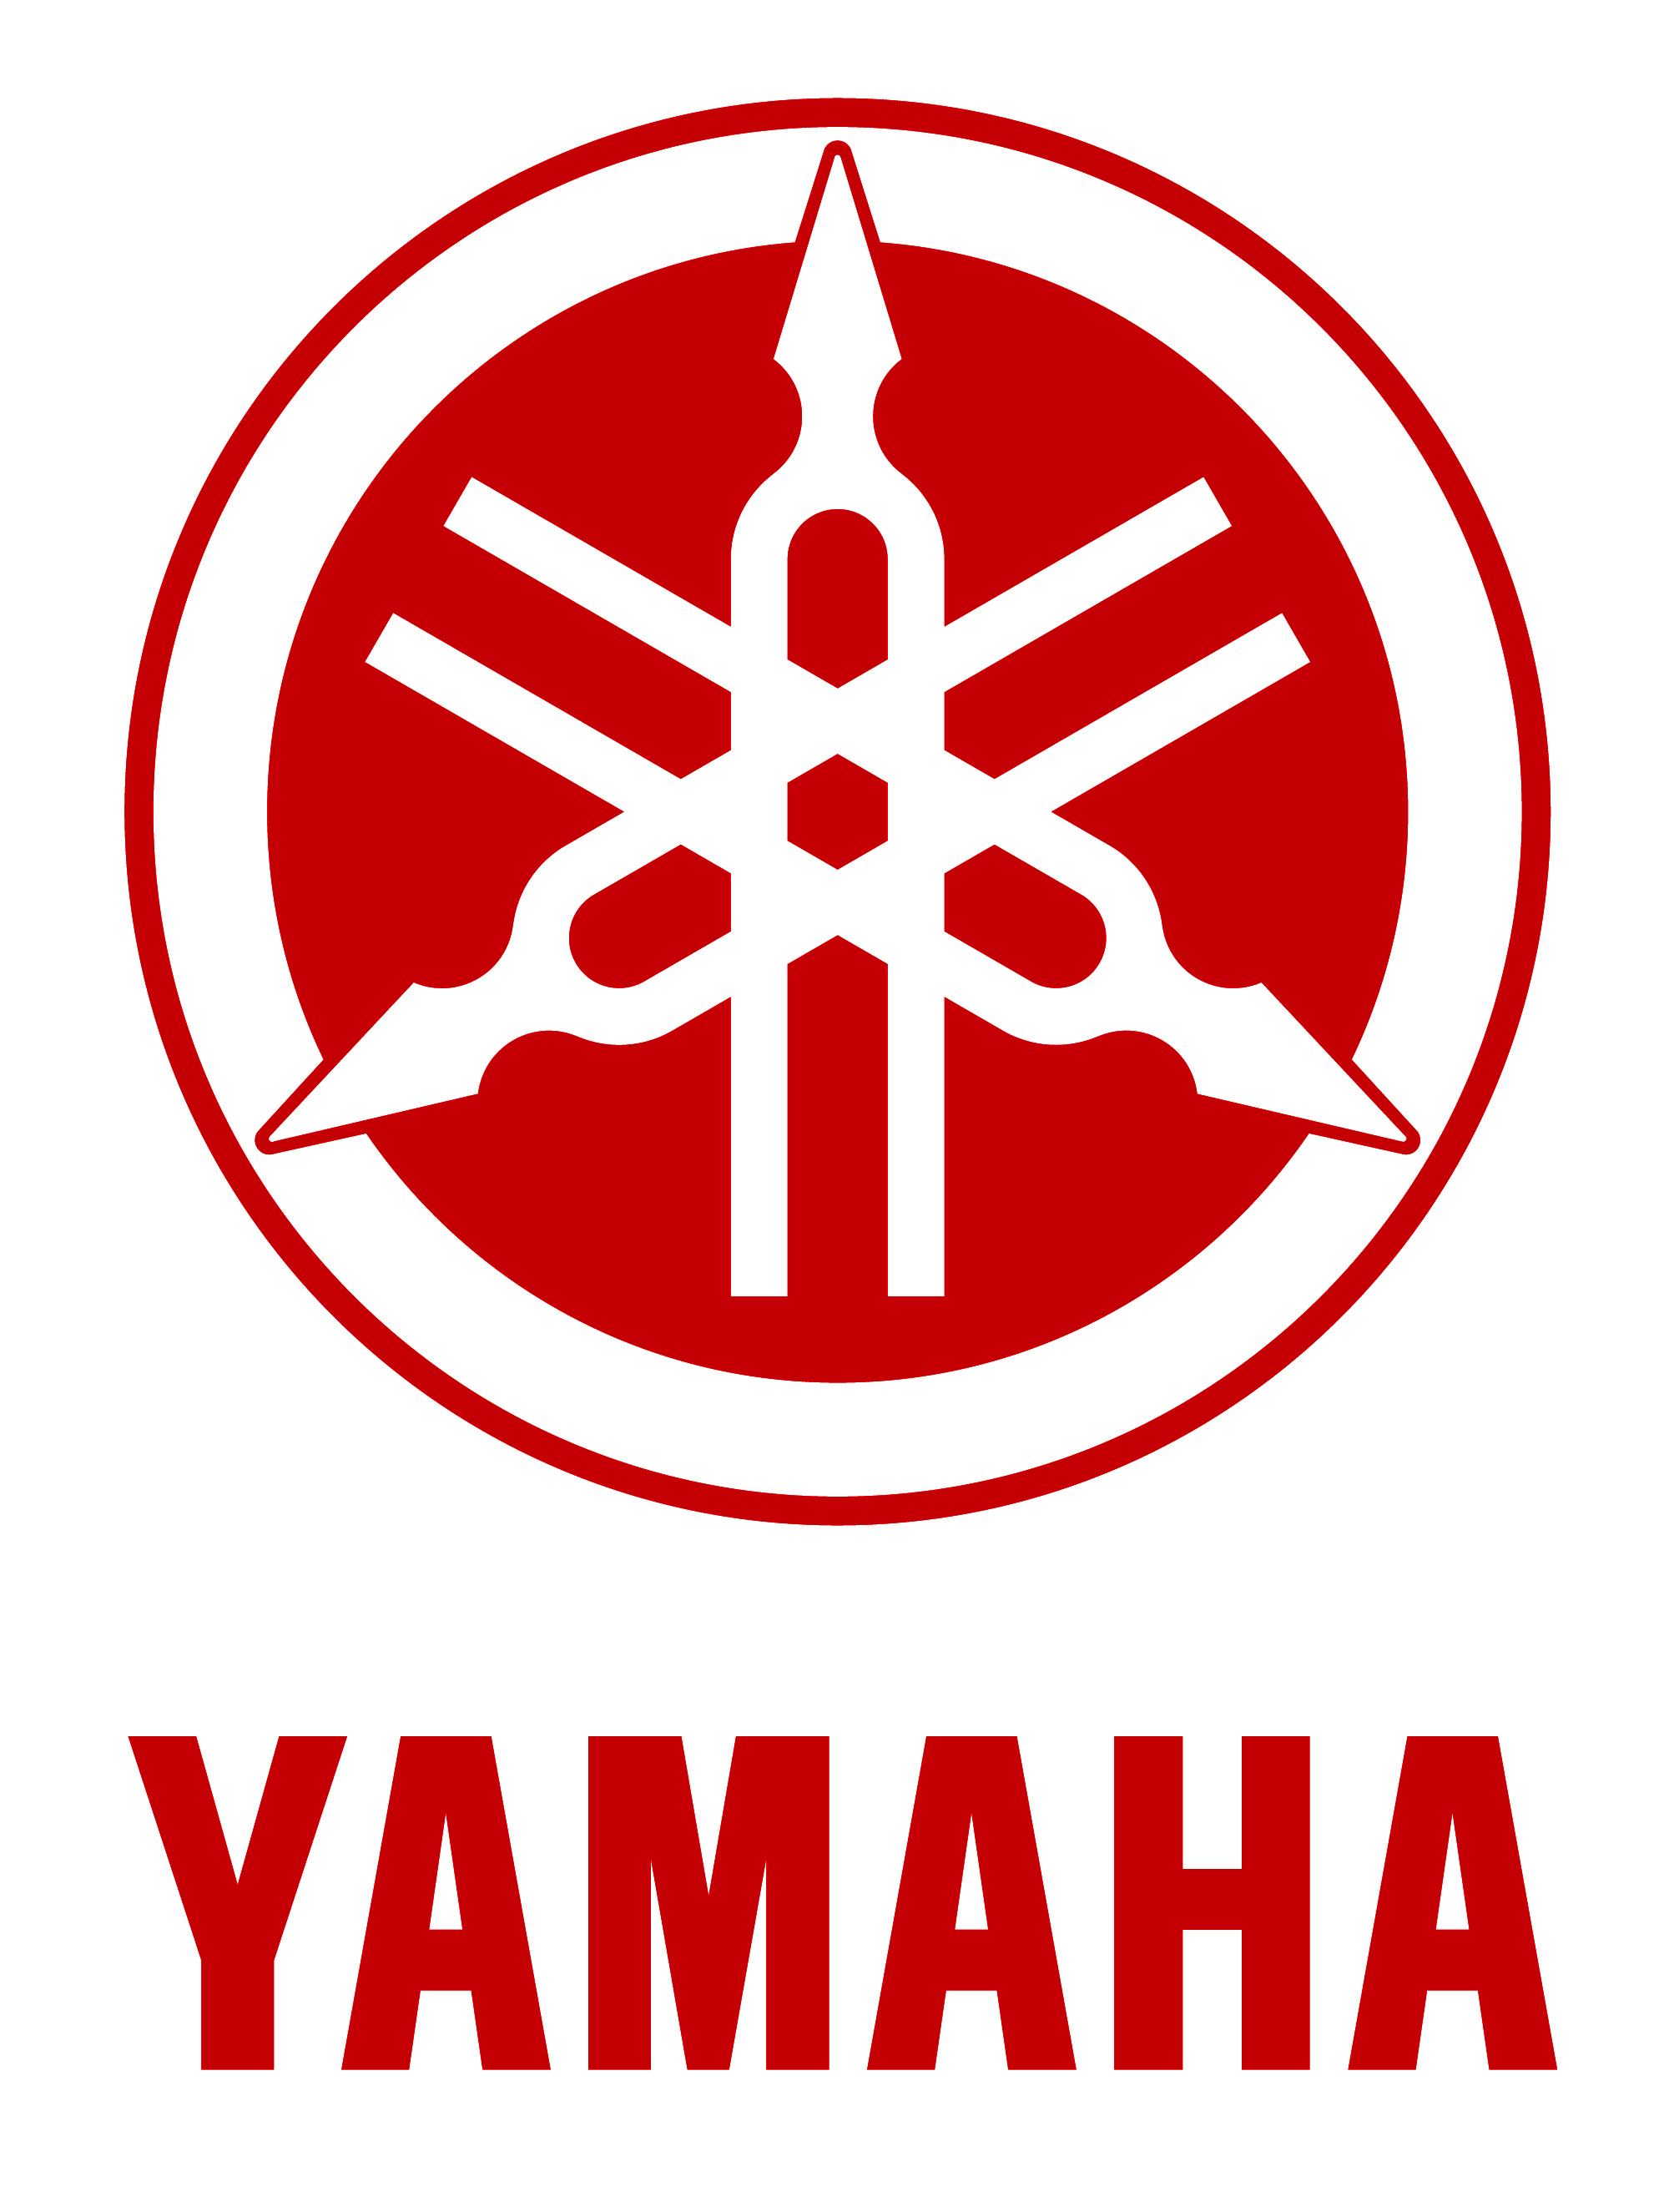 logo yamaha yamaha logos to download yamaha logo png